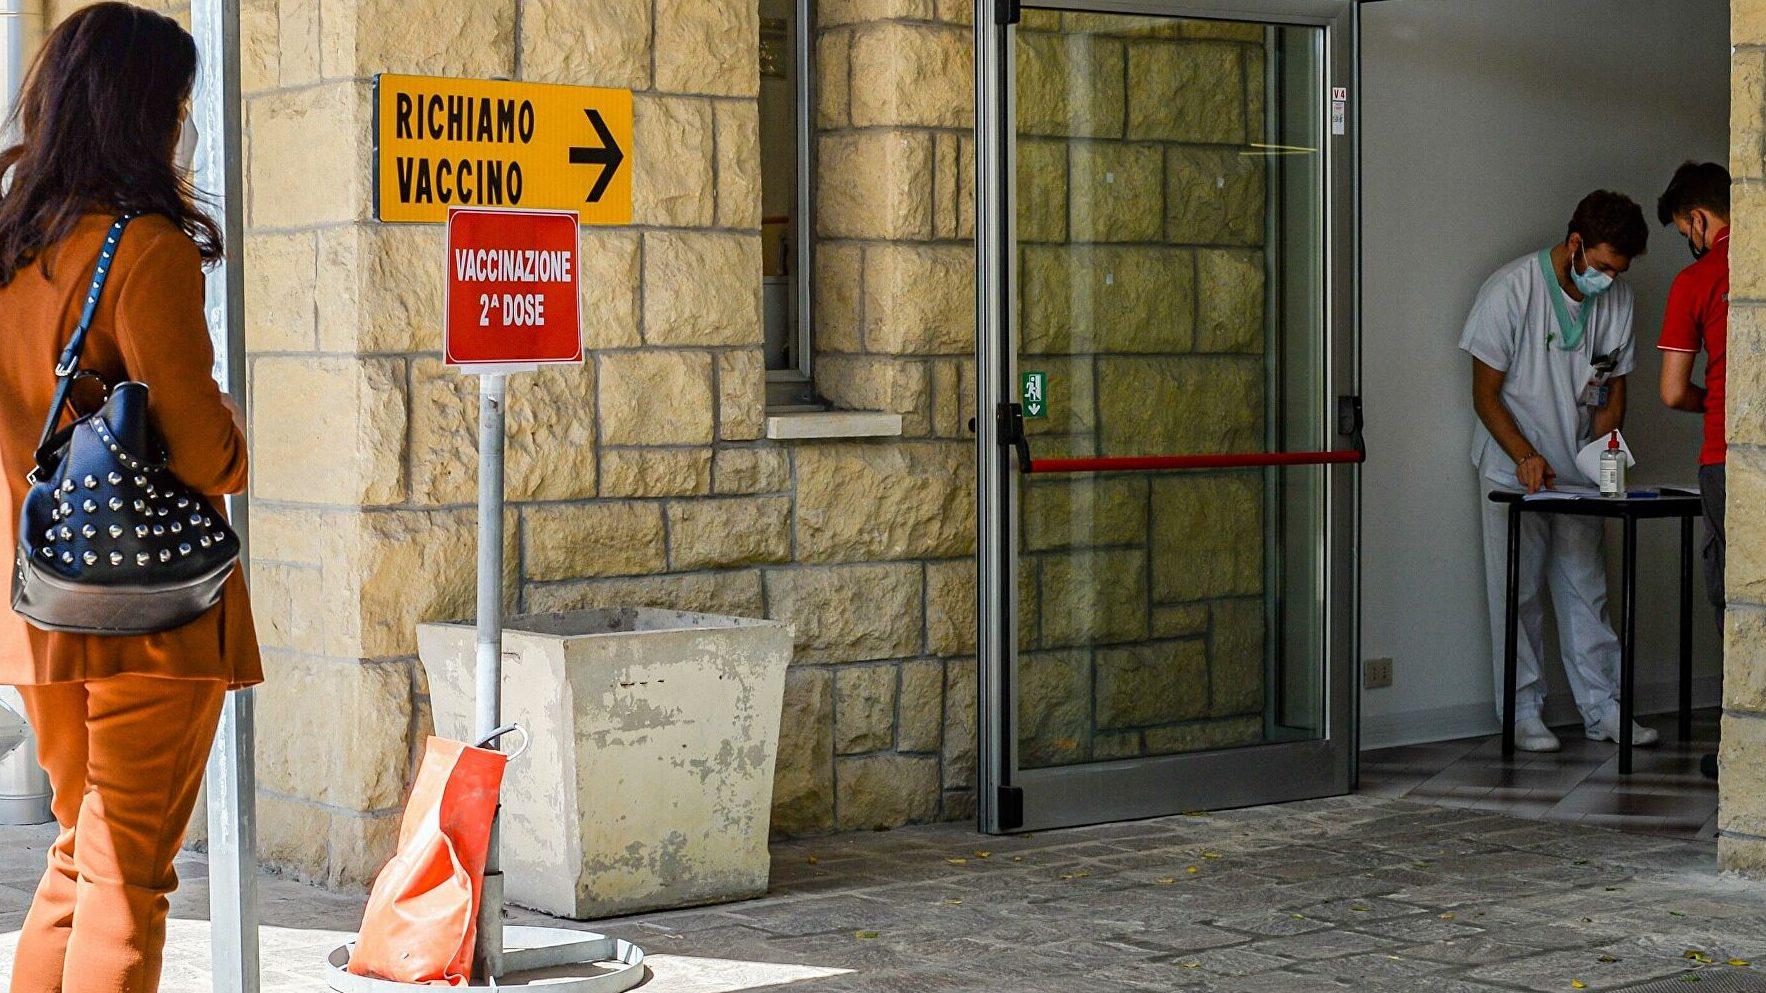 Свыше тысячи туристов приехали в Сан-Марино за прививкой